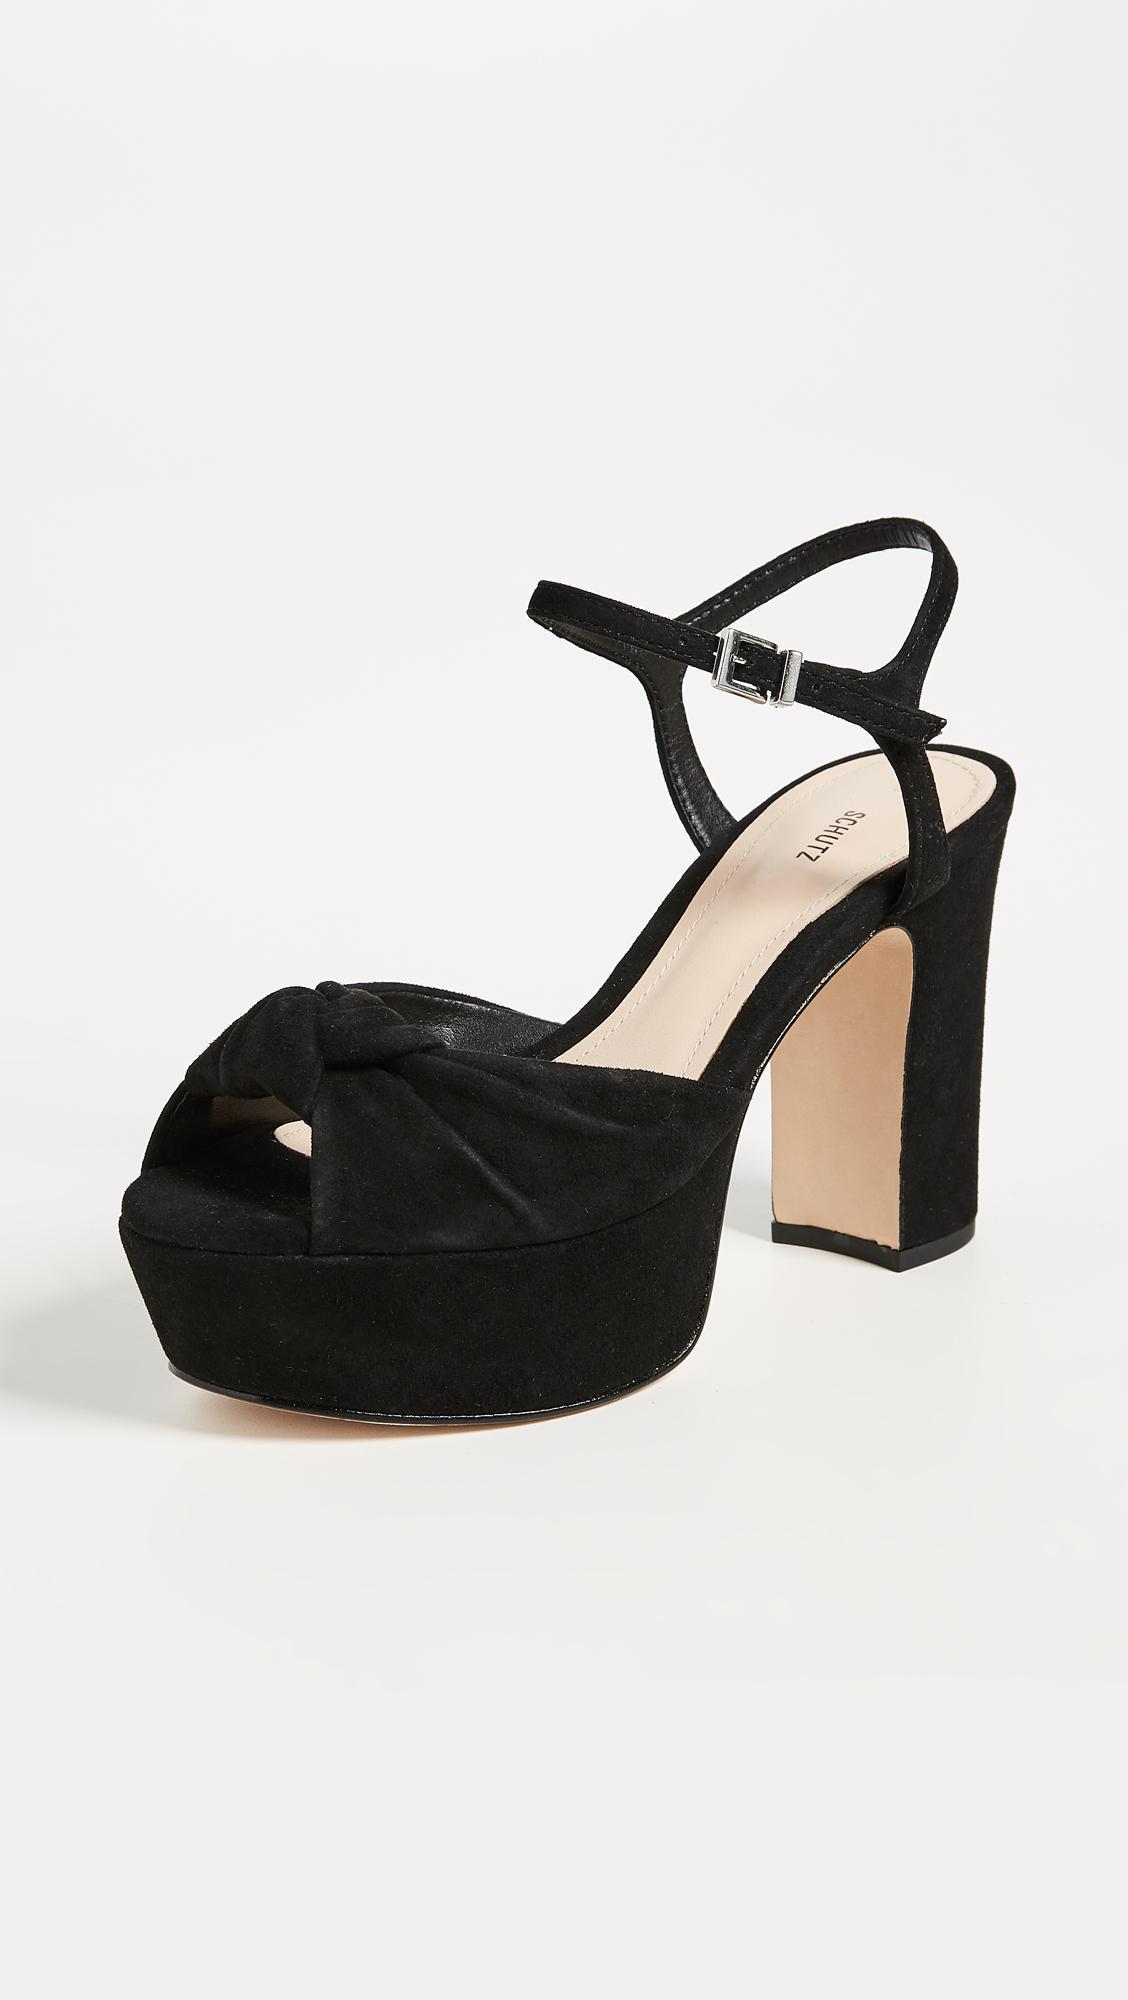 sale manchester great sale cheap best store to get Schutz Suede Platform Sandals qKu38oizYY